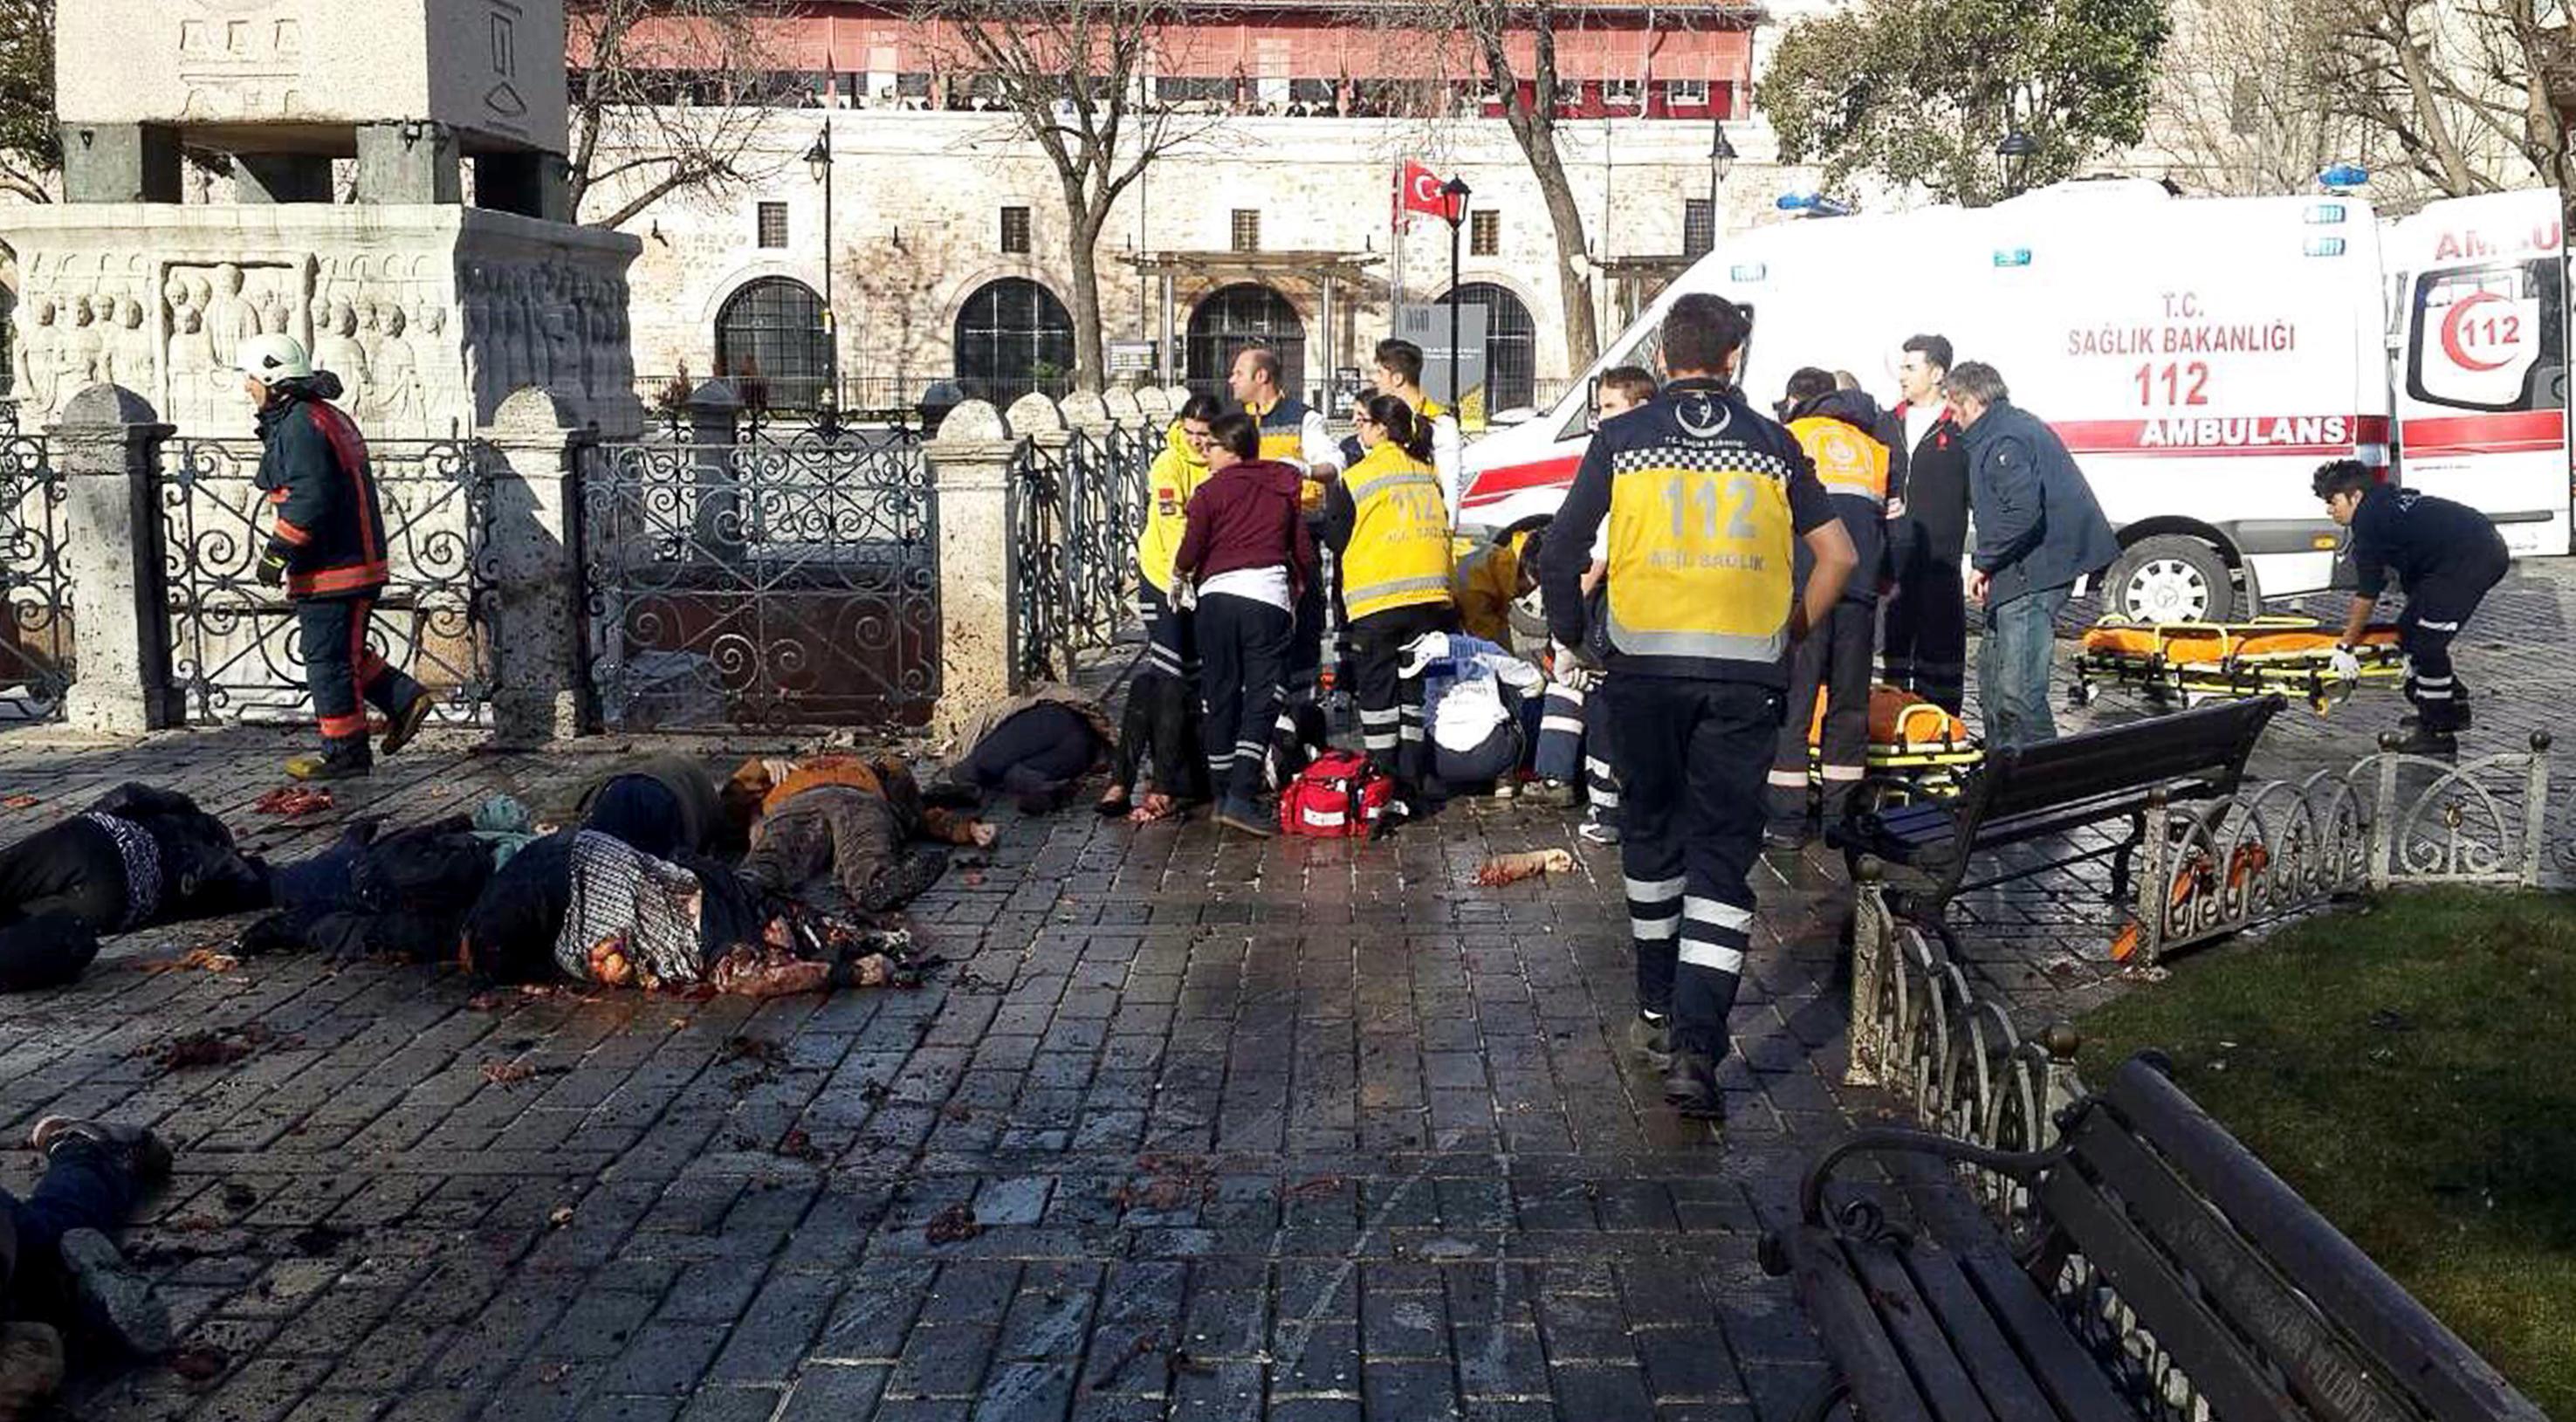 Equipos de emergencia junto a las víctimas tras la explosión junto a la Mezquita Azul de Estambul